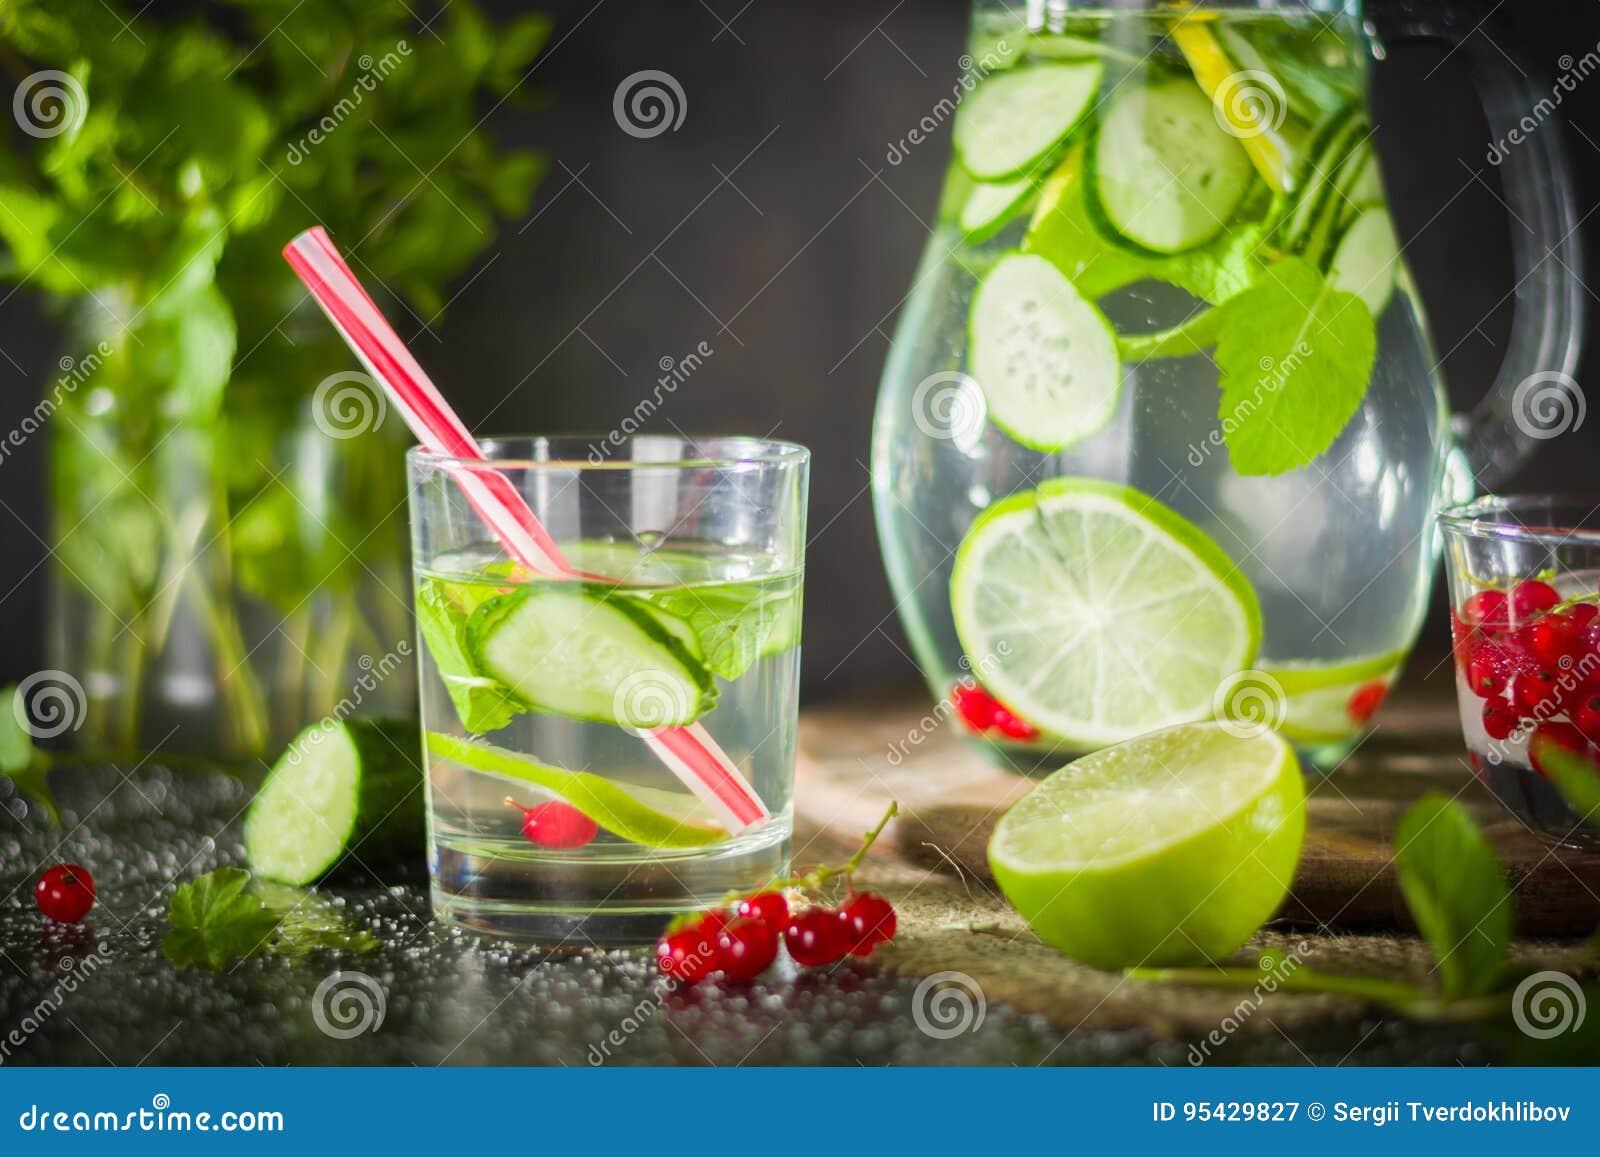 浇灌在一个玻璃瓶子和玻璃的戒毒所 新鲜的绿色薄菏和莓果 刷新和健康饮料